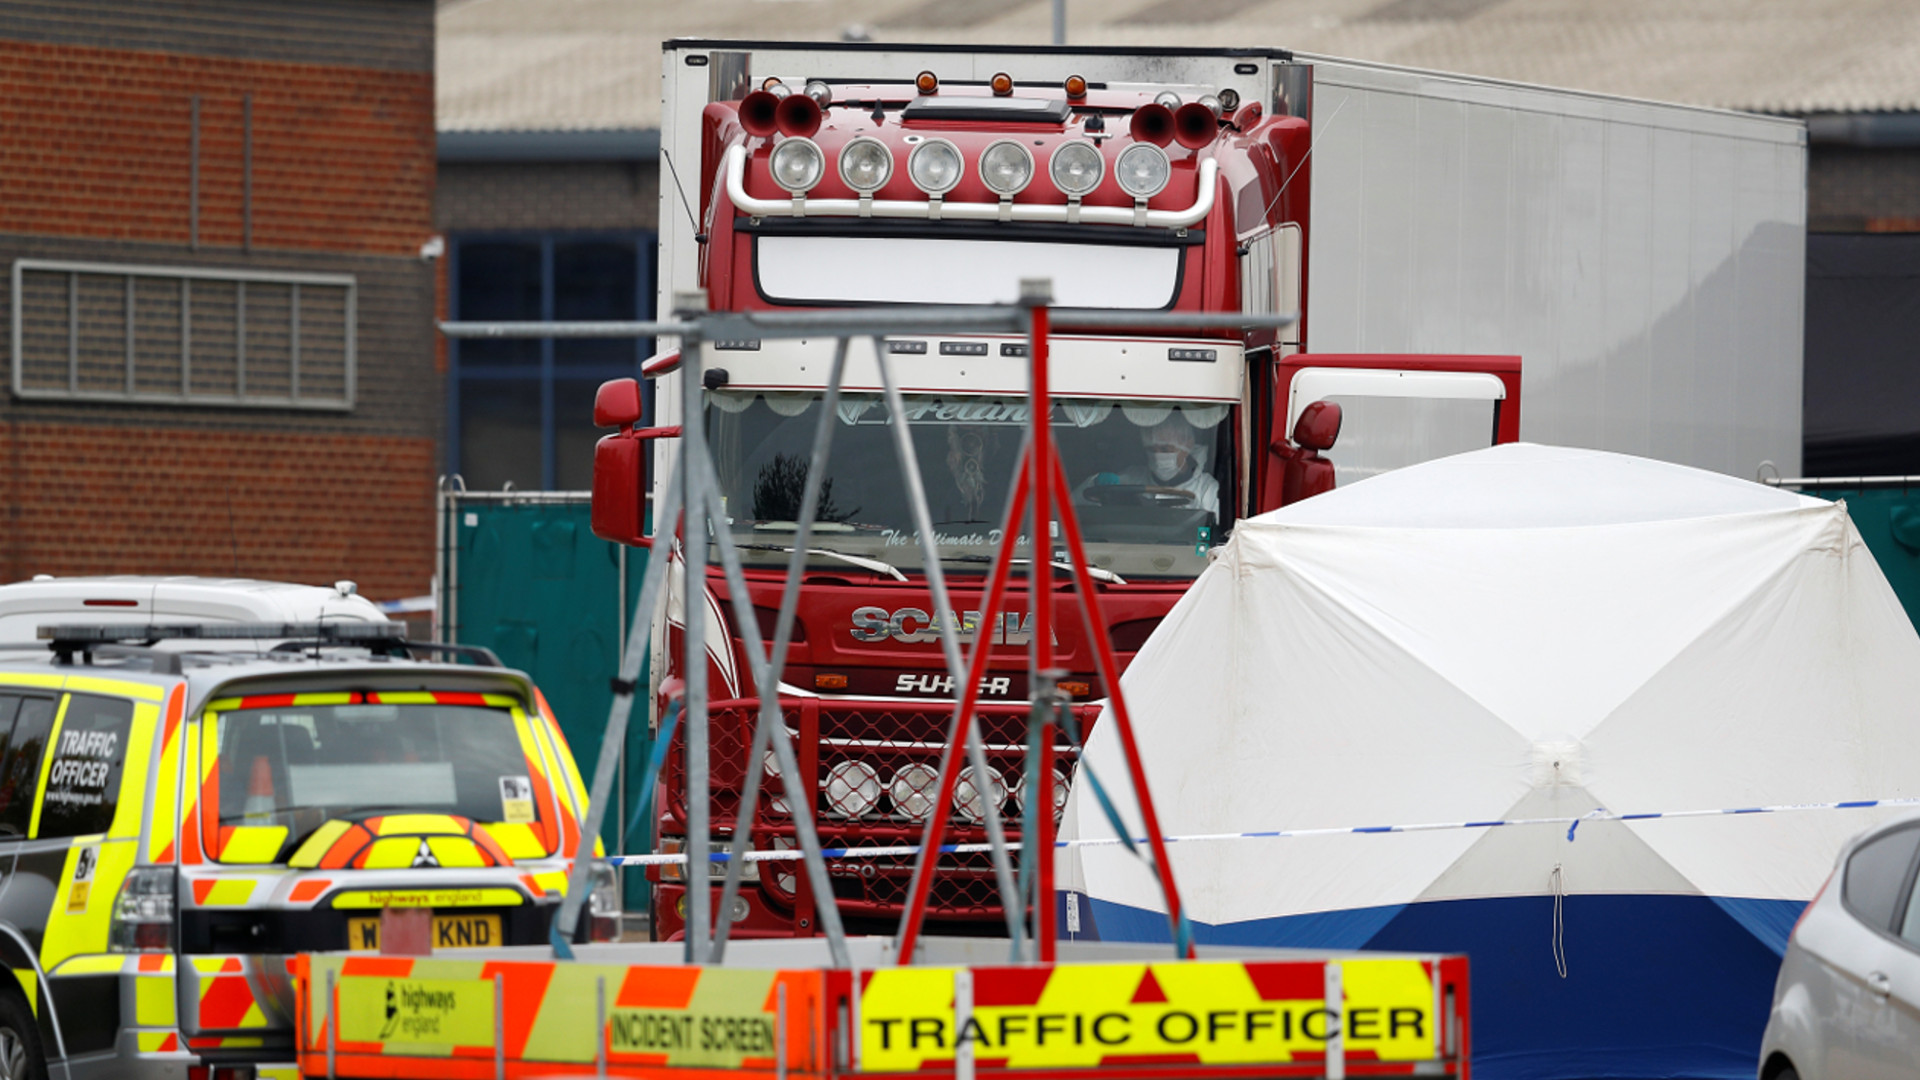 Makabryczne odkrycie w Wielkiej Brytanii. W kontenerze ciężarówki znaleziono ciała 39 osób